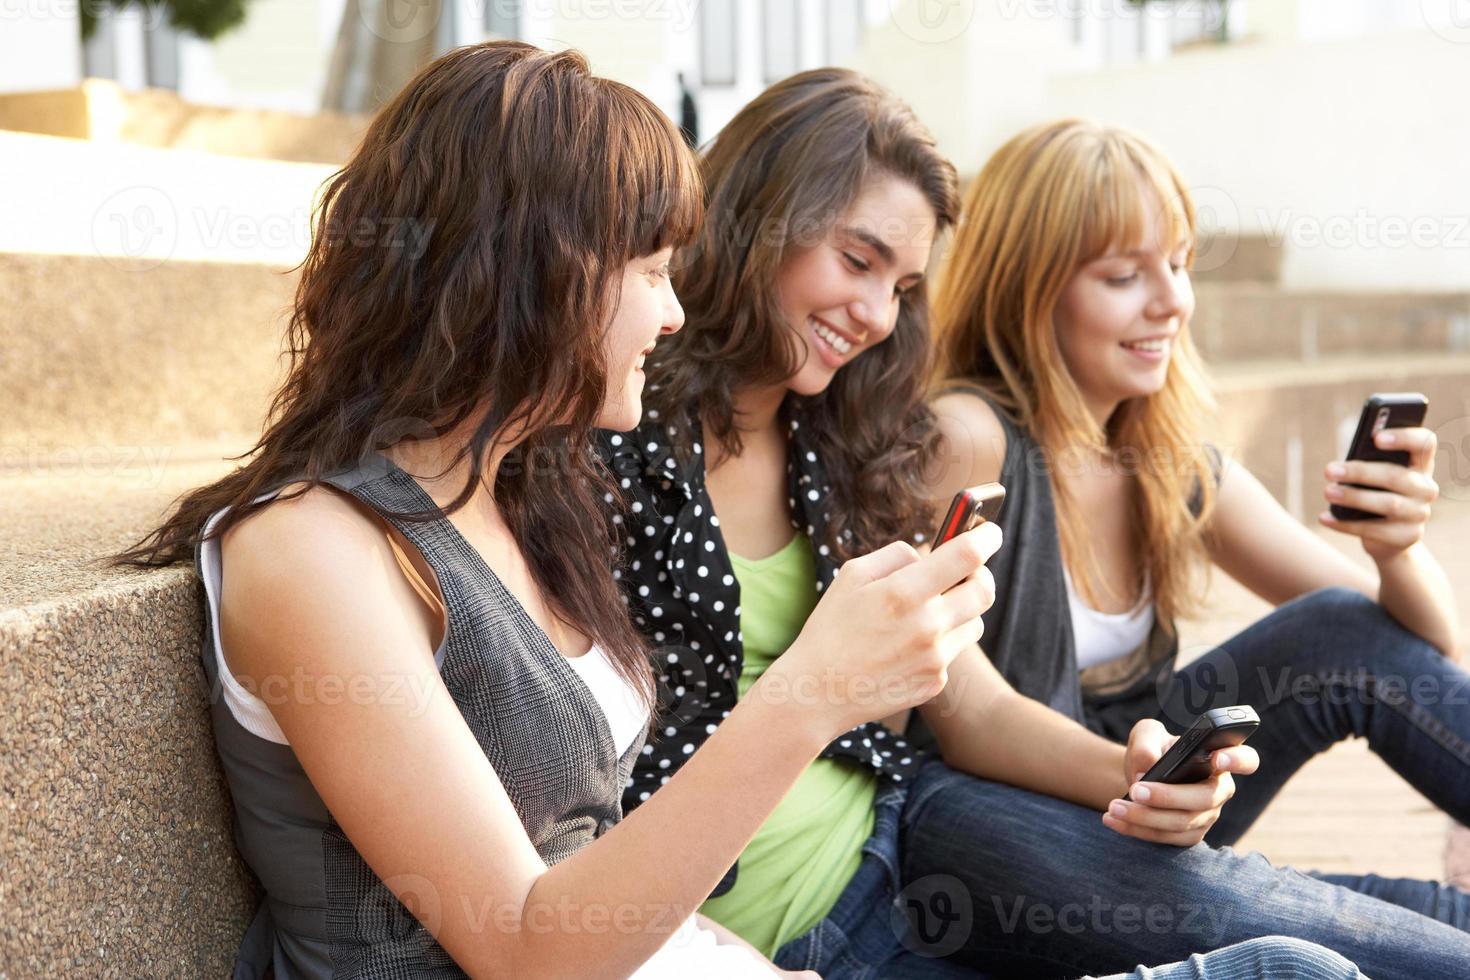 tienermeisjes zitten op de trappen van de campus en gebruiken telefoons foto